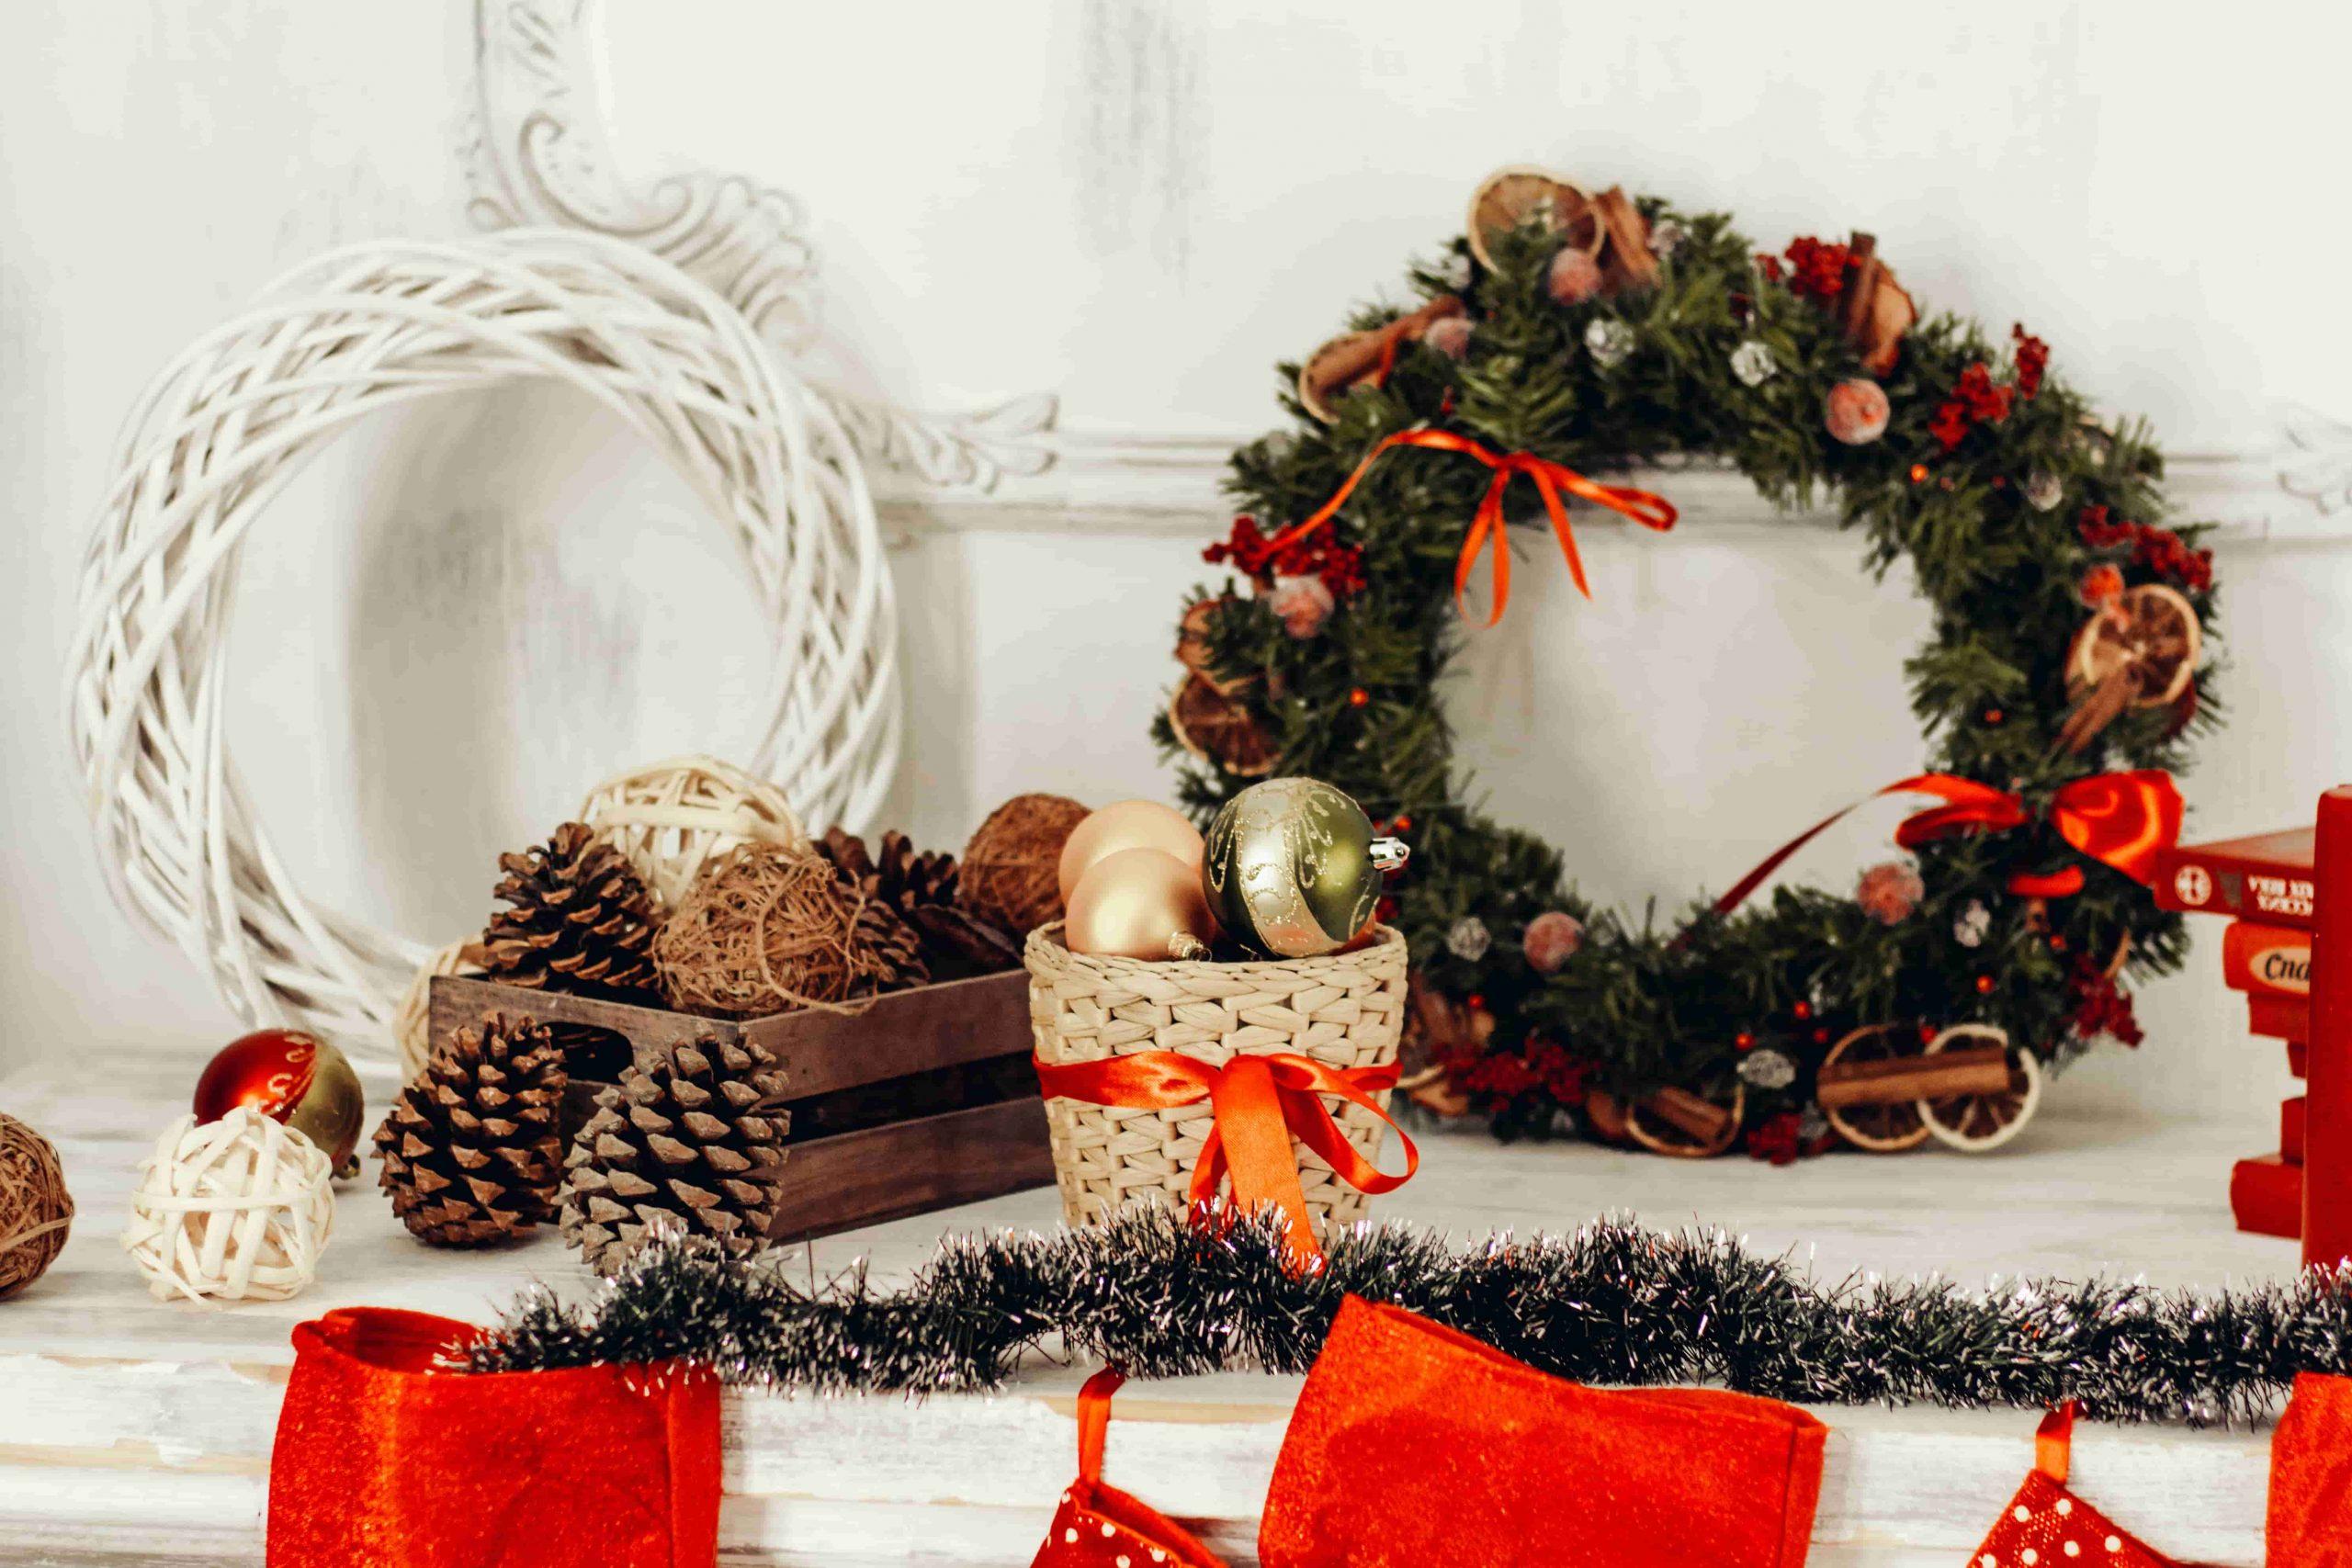 Kerstdecoratie voor een gezellige sfeer